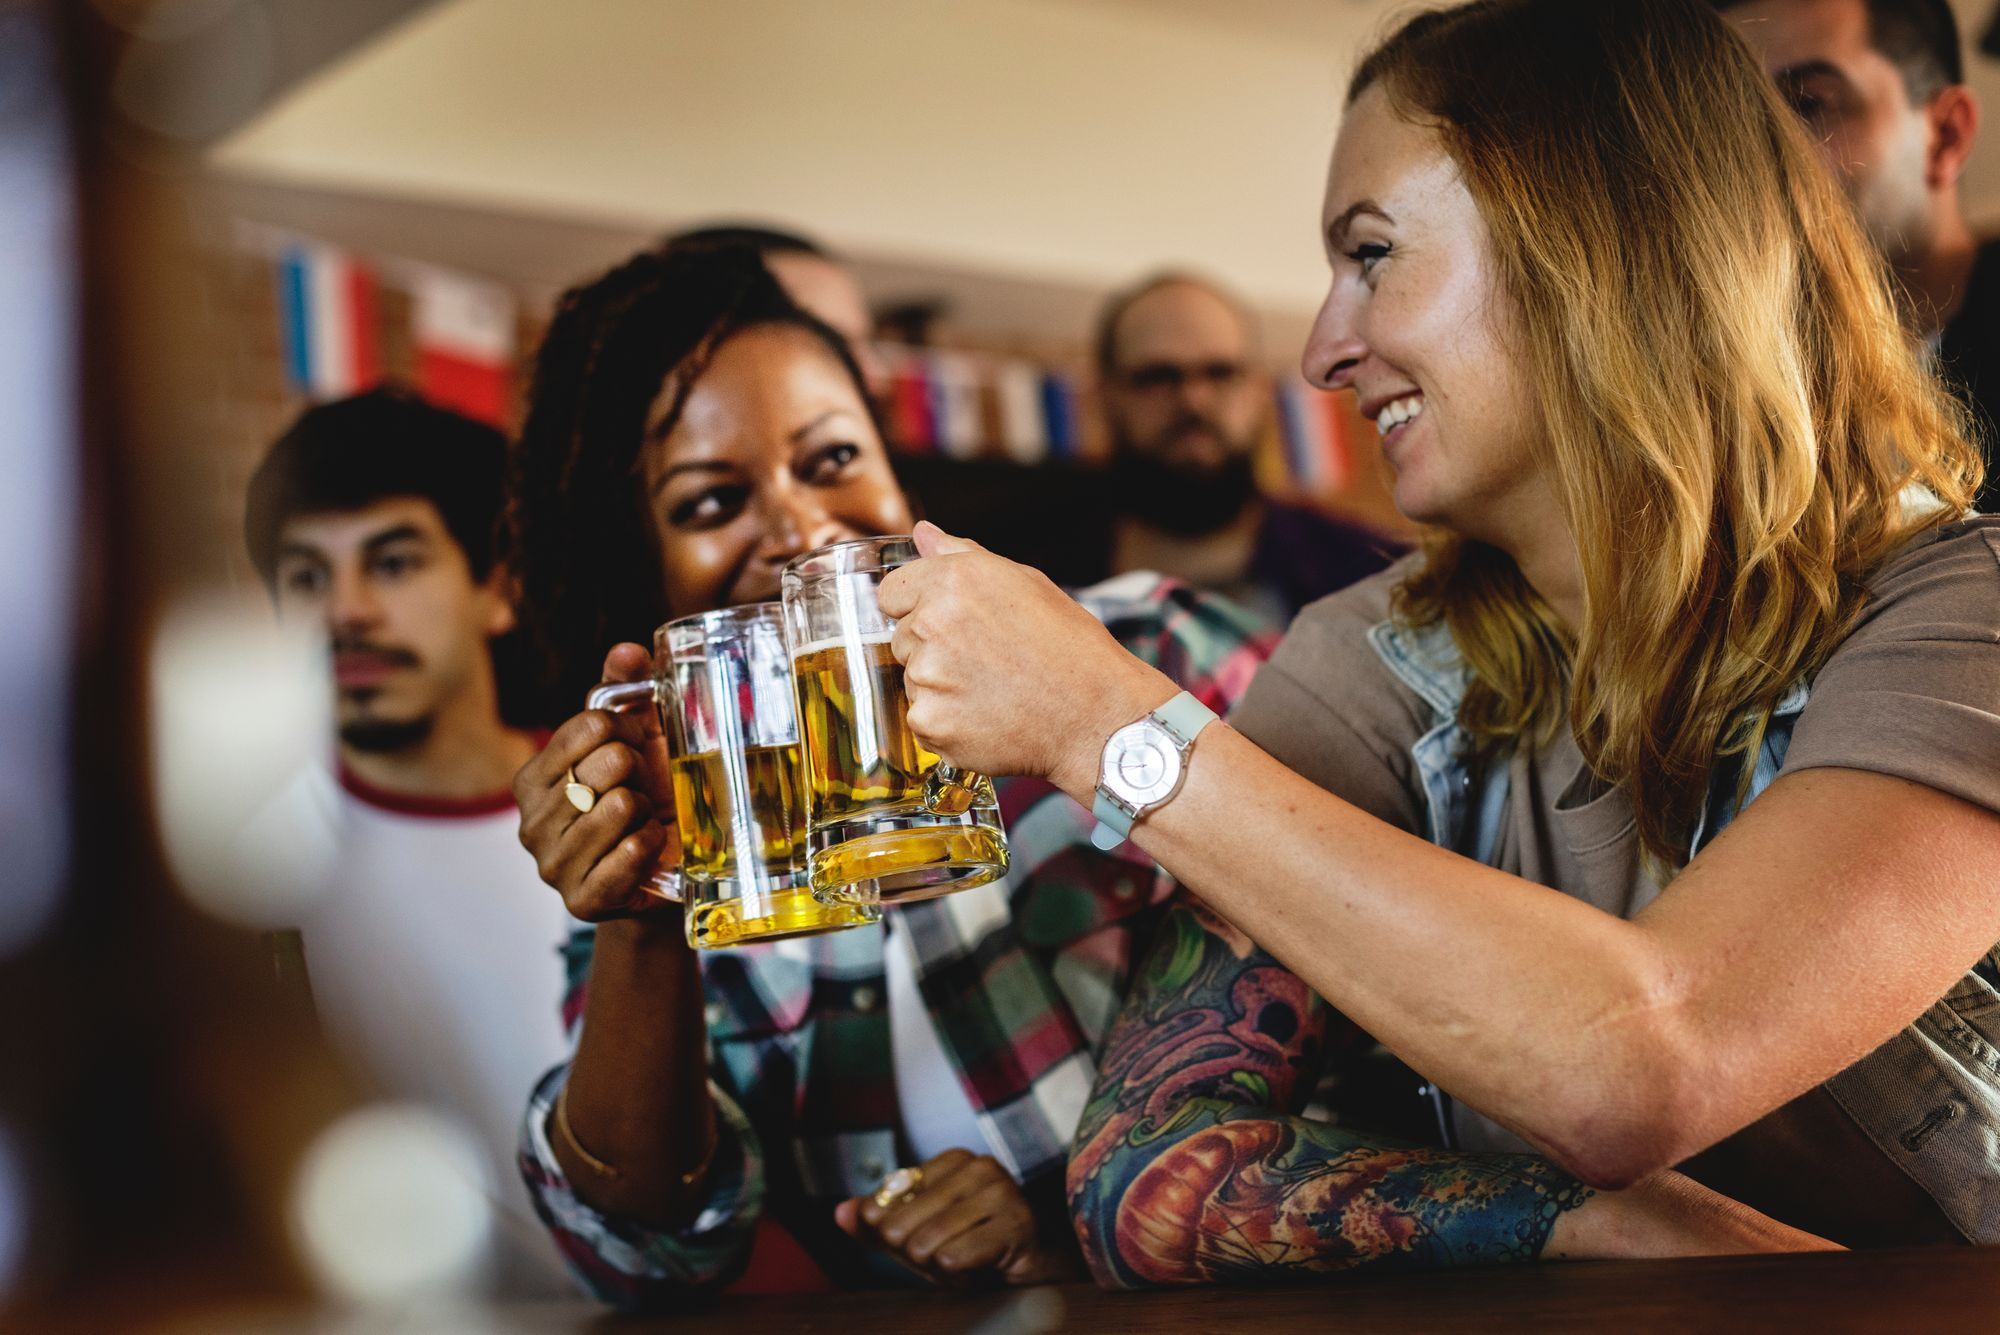 zwei Frauen stoßen beim Junggesellinnenabschied mit Bier an